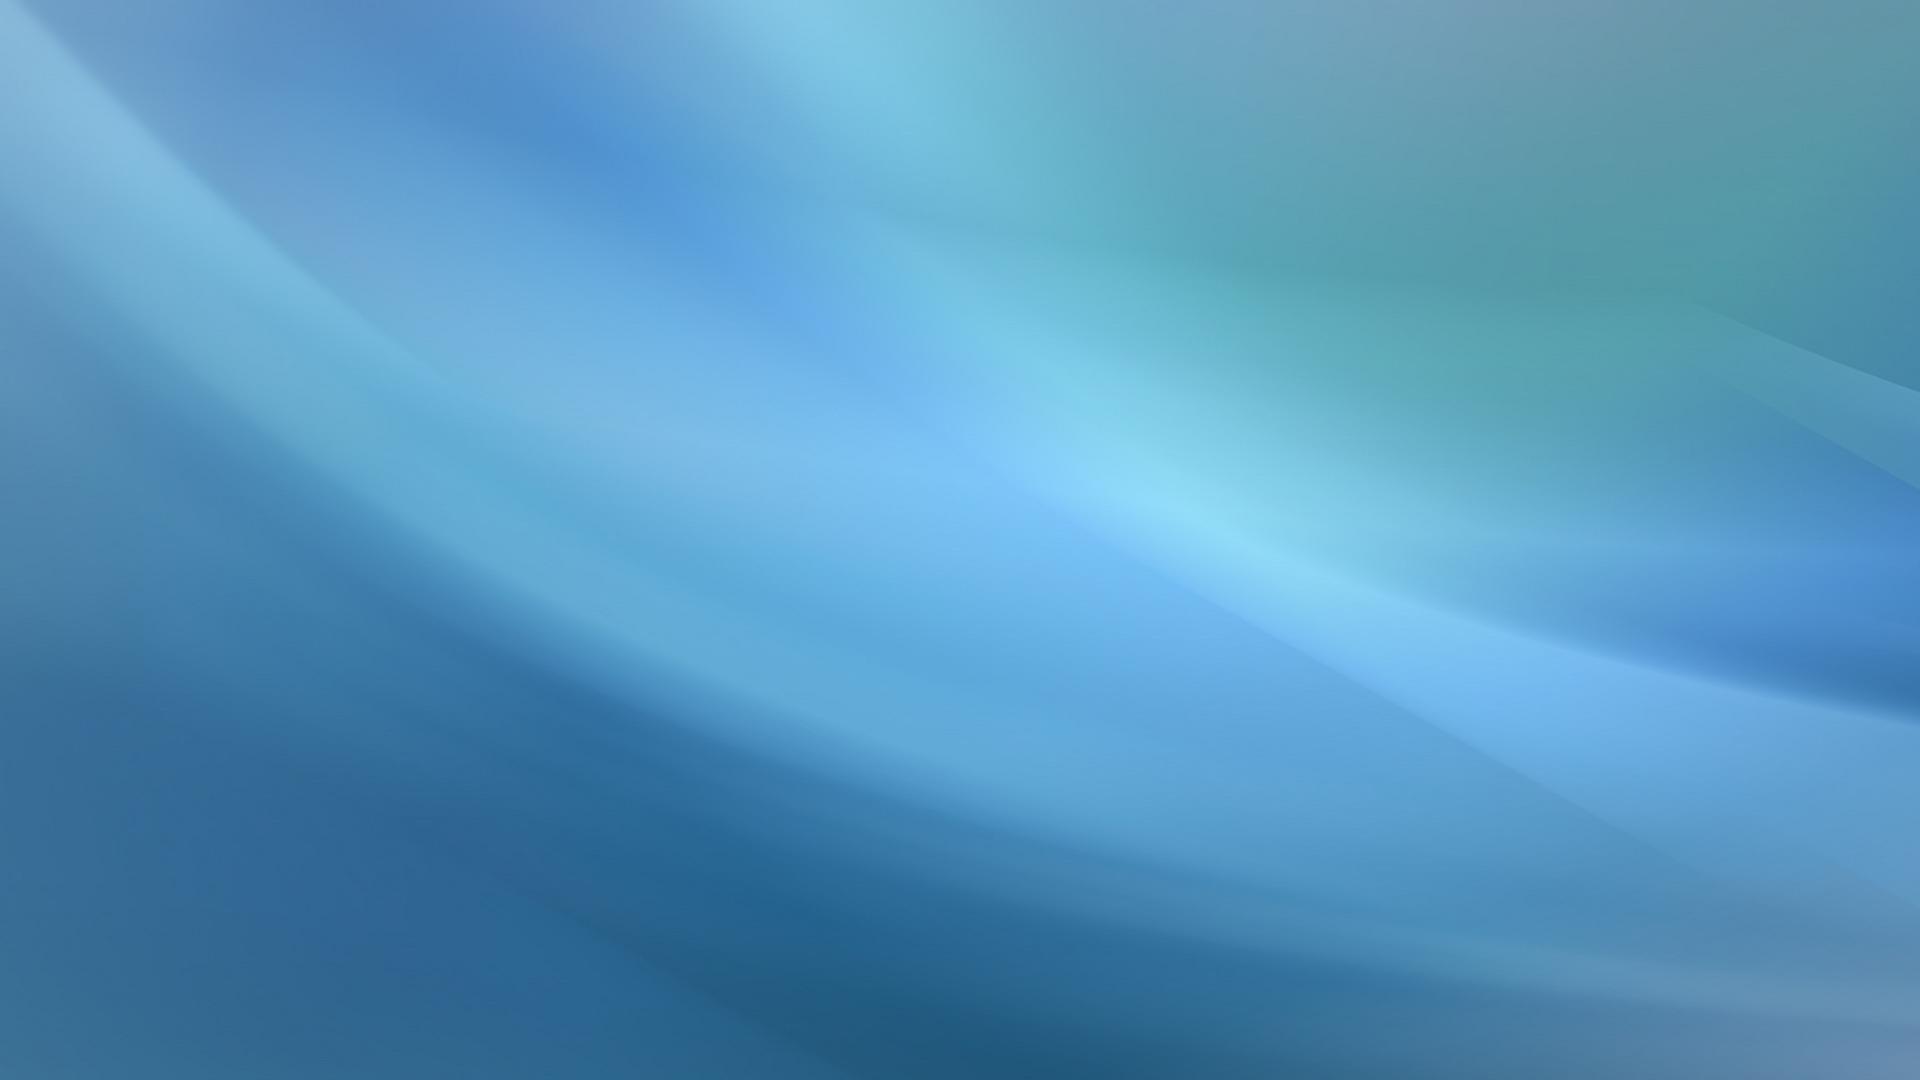 Light Blue Computer Wallpapers, Desktop Backgrounds ...